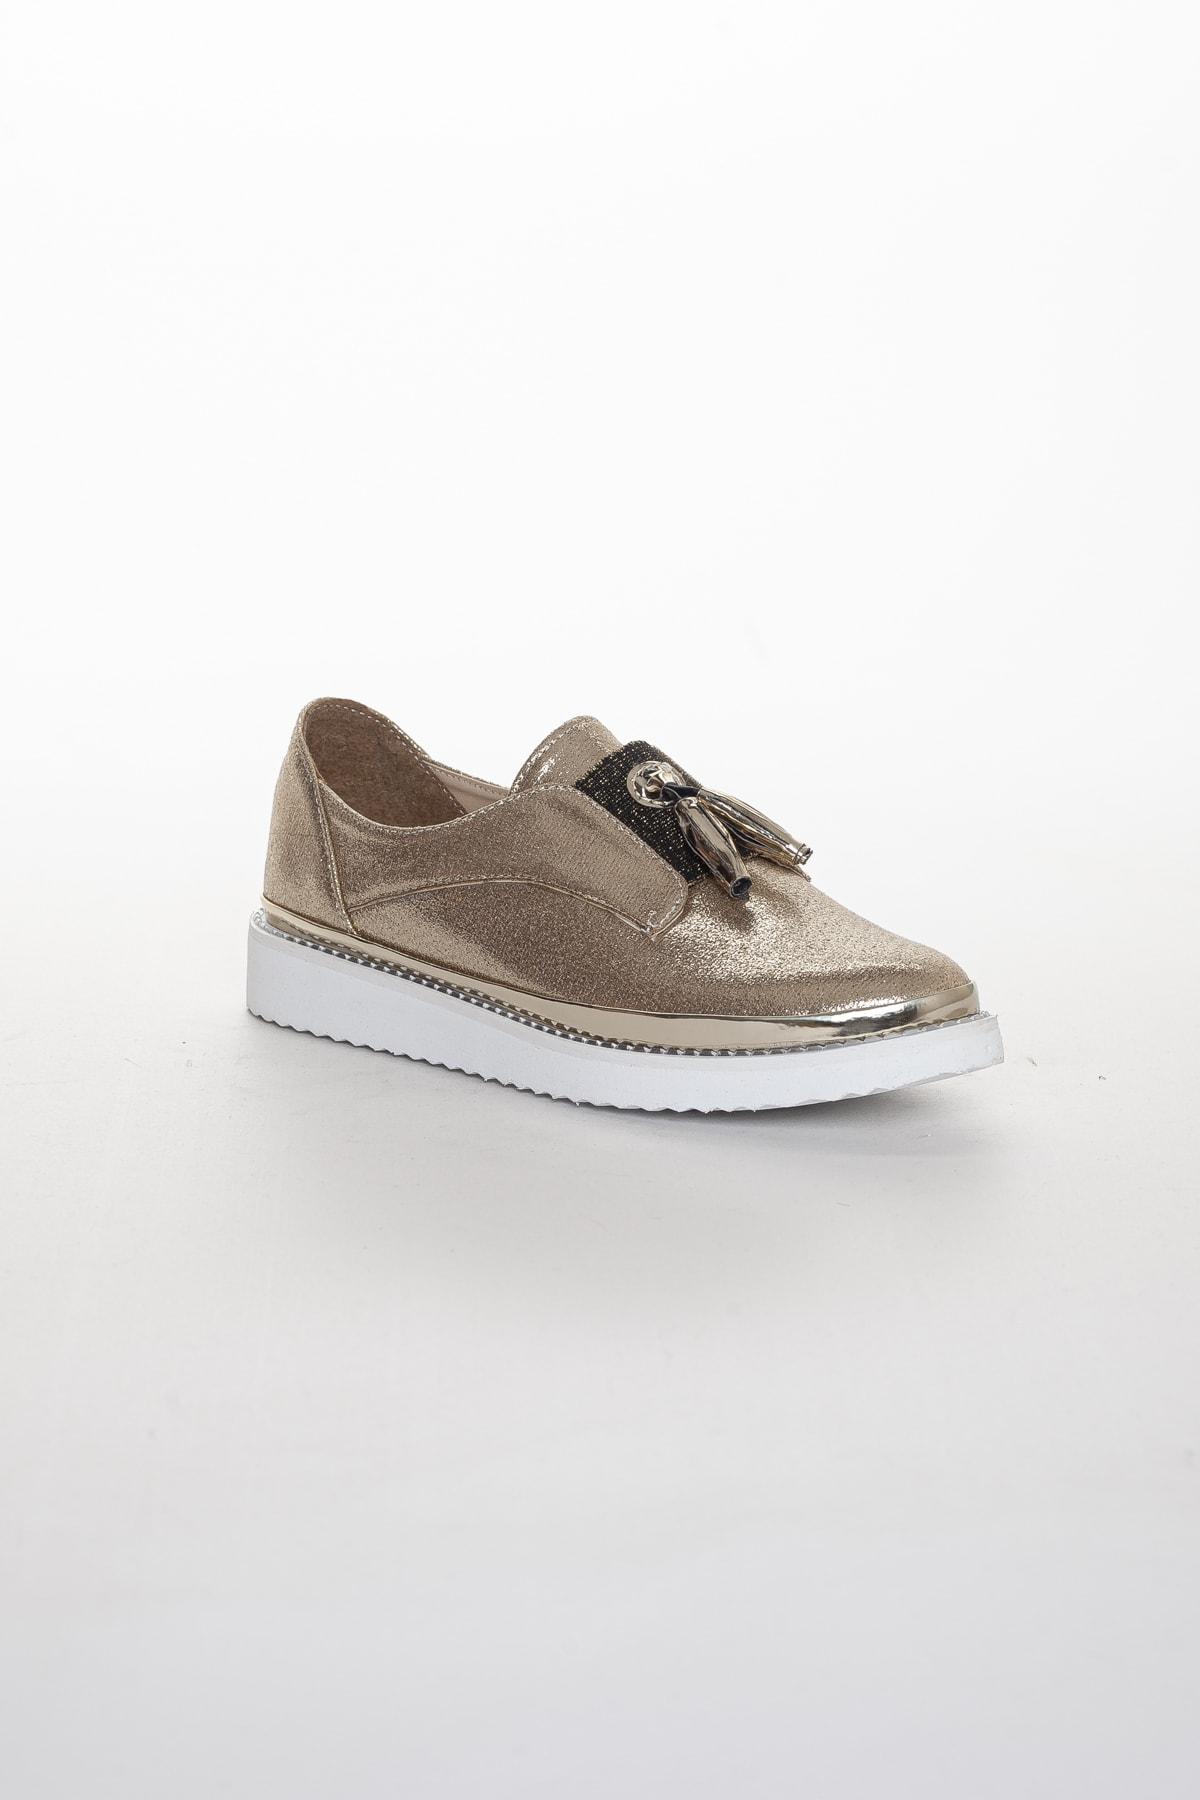 Odal Shoes Kadın Gold Oxford Spor Ayakkabı Püsküllü05012020 1